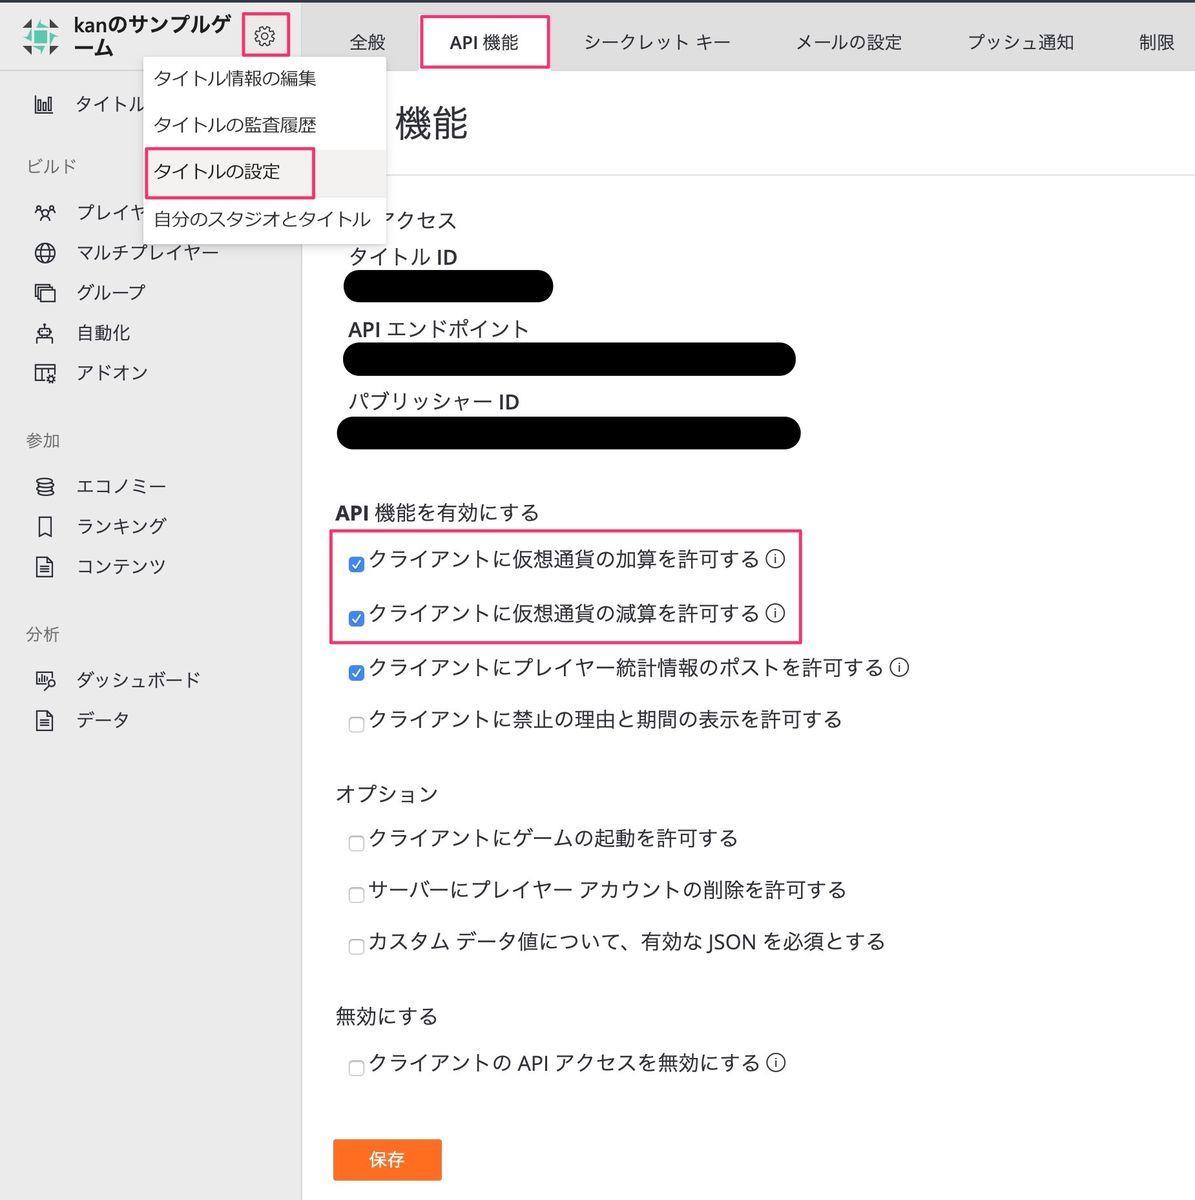 f:id:kan_kikuchi:20200215085753j:plain